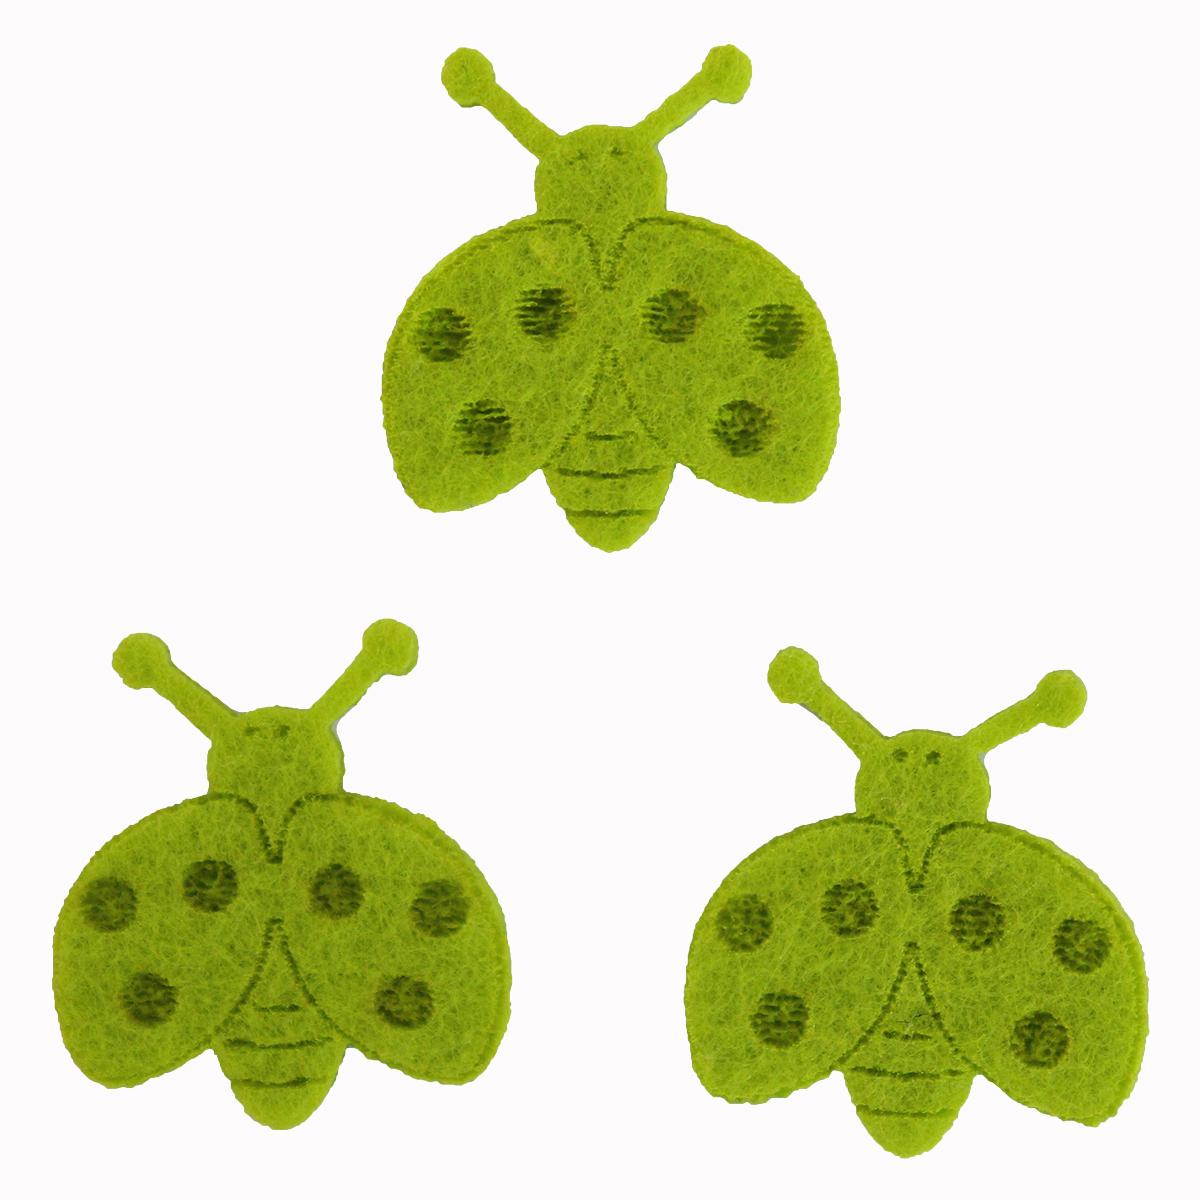 Фигурки из фетра Glorex Божьи коровки, цвет: светло-зеленый, 10 шт318818